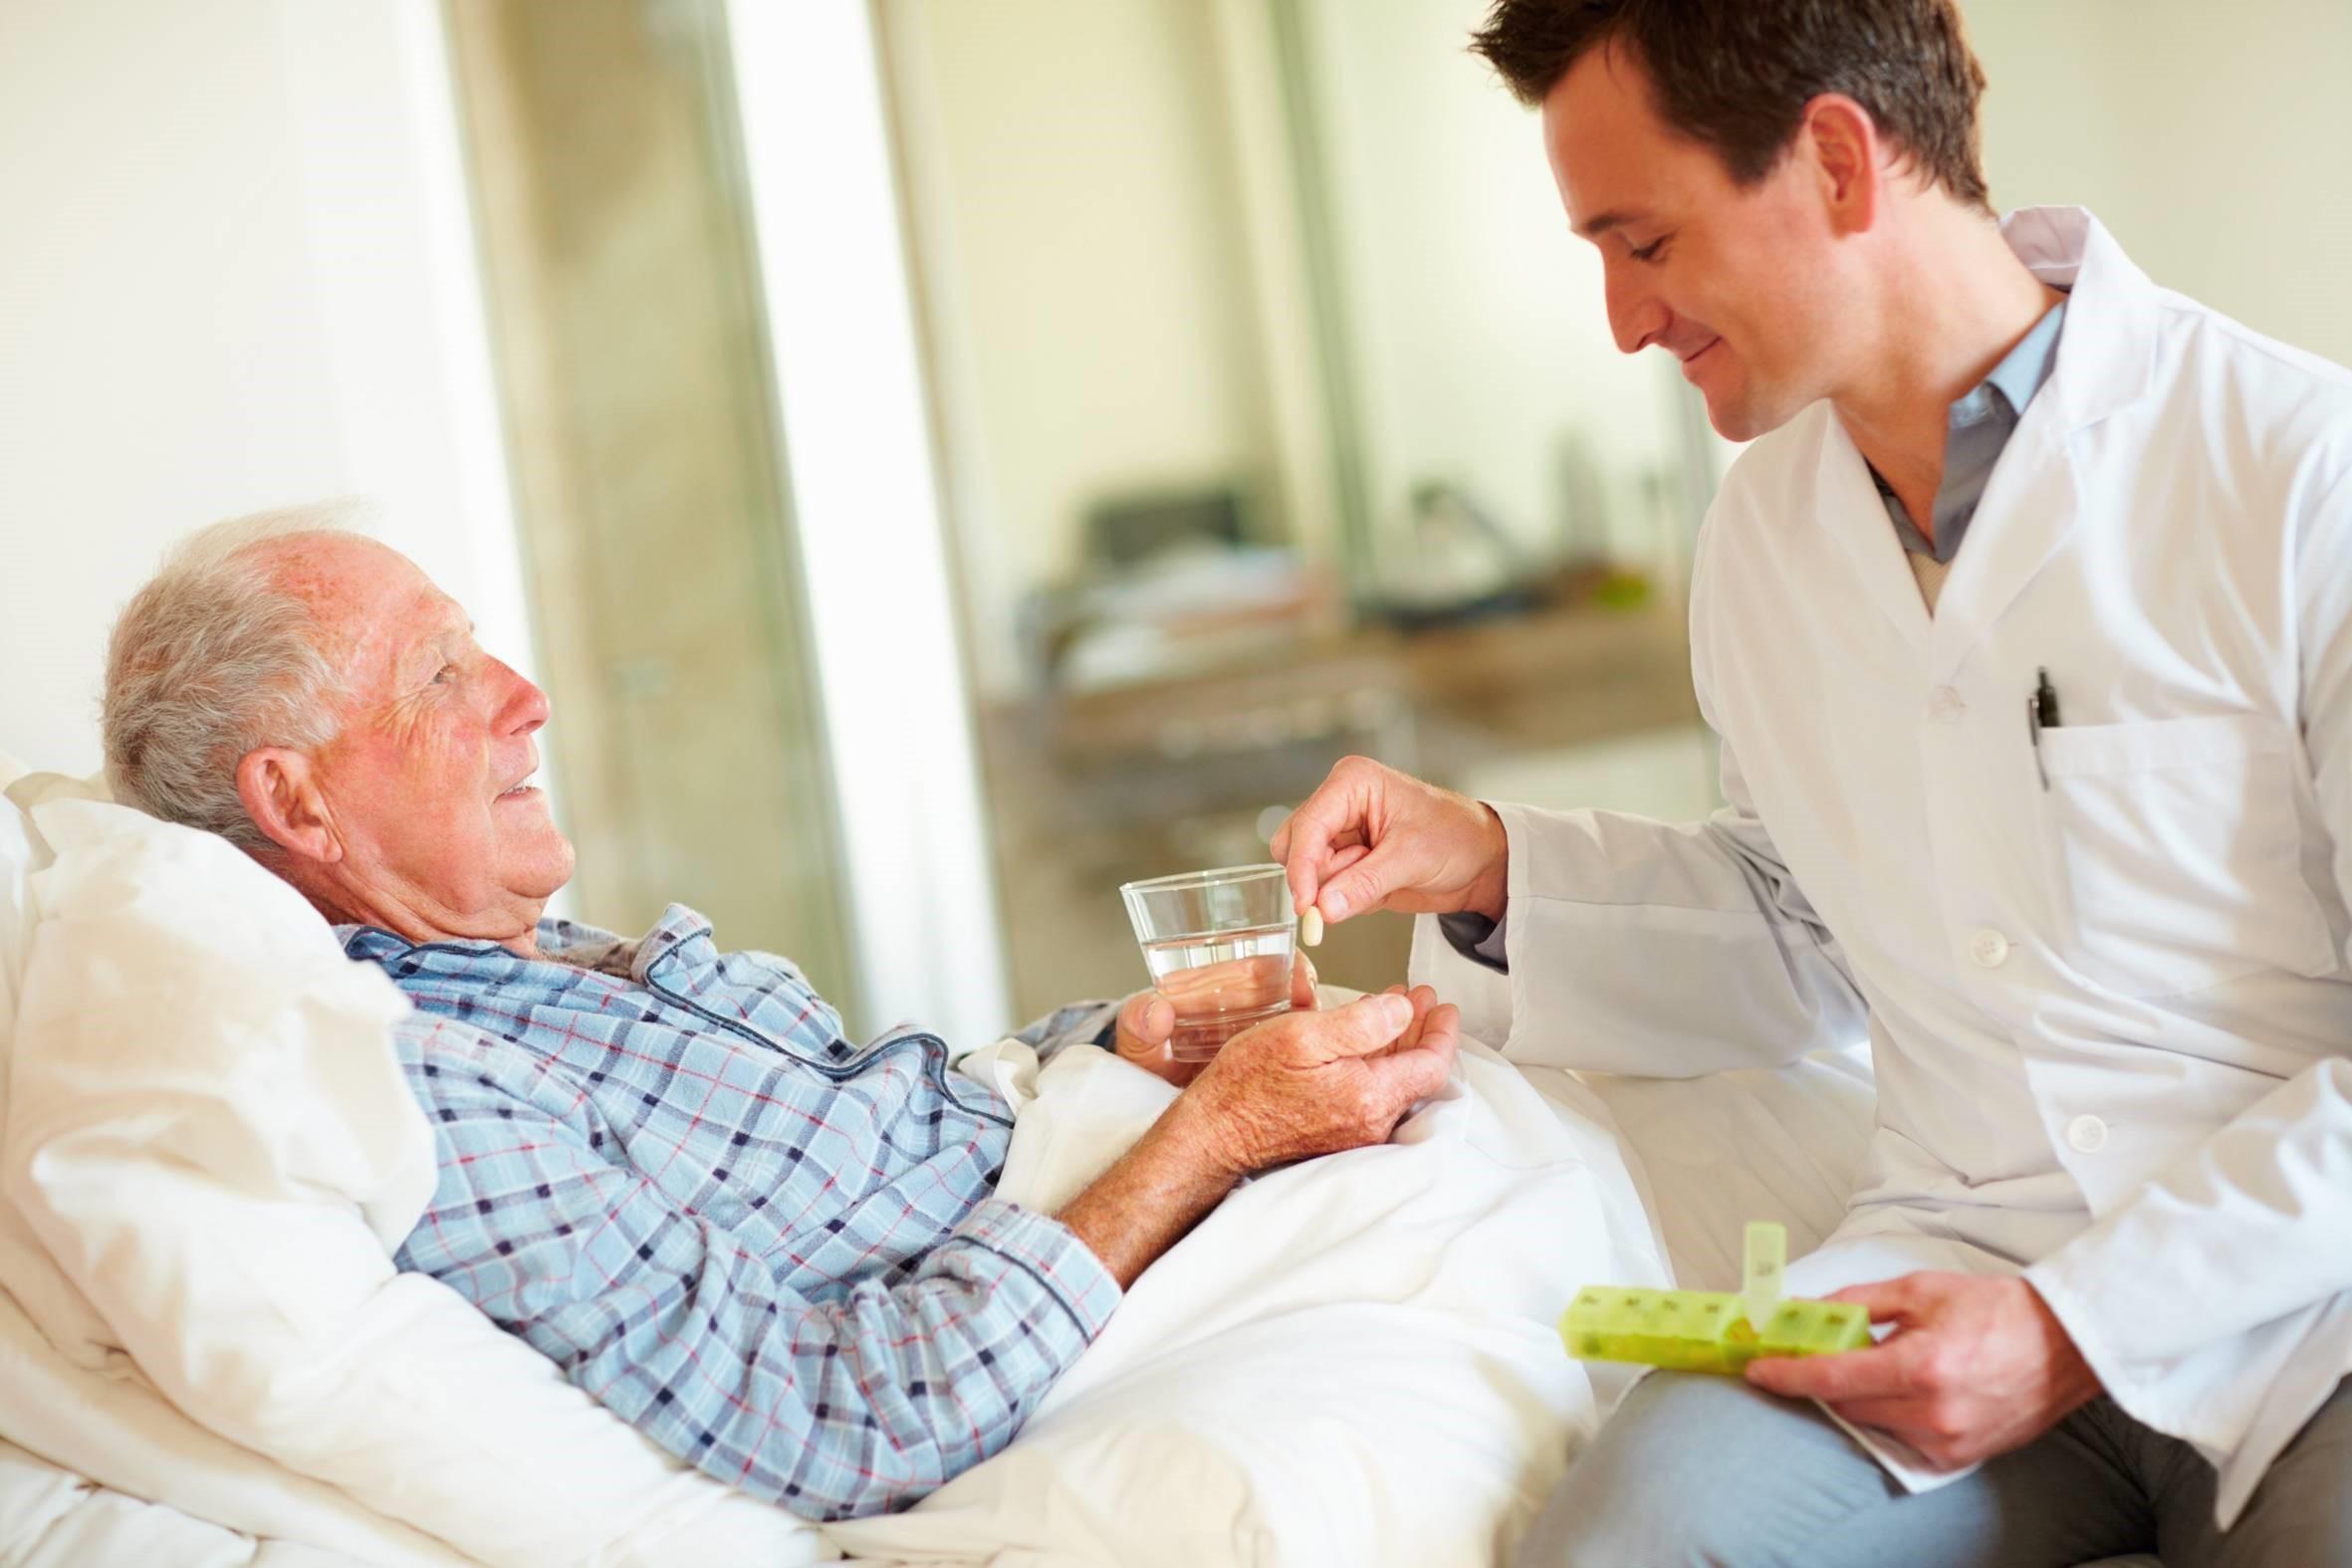 آیا هزینه درمان زخم بستر در منزل با درمان در بیمارستان تفاوت دارد؟